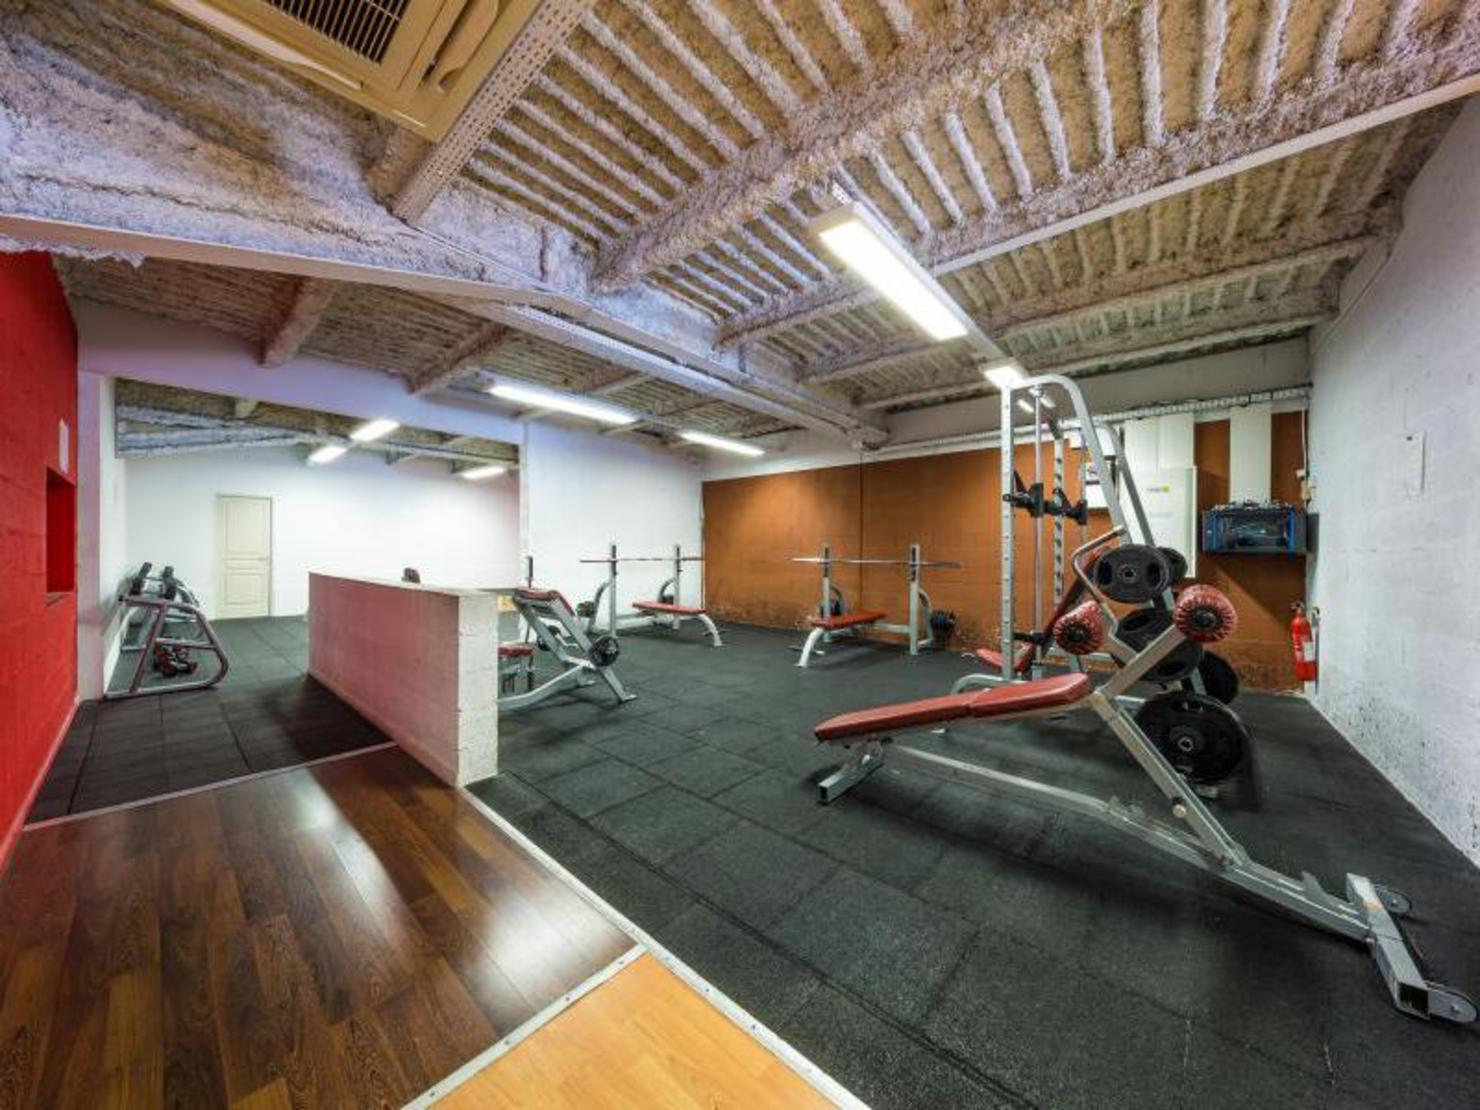 evexia le fitness 2 0 avignon tarifs avis horaires offre d couverte. Black Bedroom Furniture Sets. Home Design Ideas